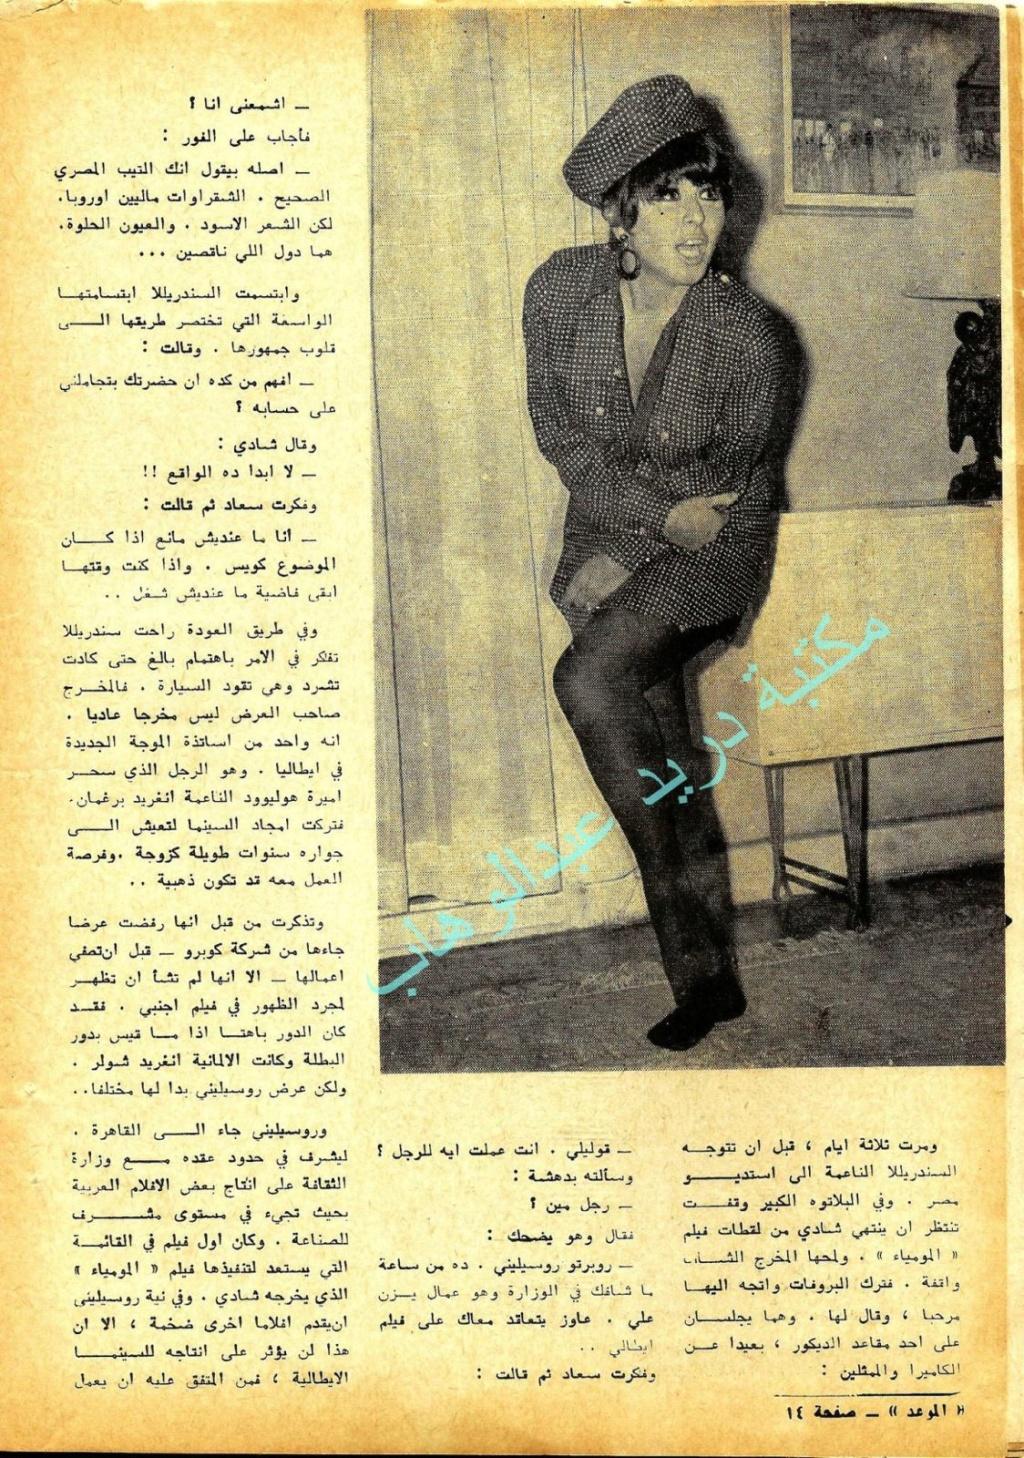 مقال - مقال صحفي : سعاد حسني تتعلم اللغة الايطالية بالسر لتبدأ غزوهَا للسينما الأوروبيَة ! 1968 م 493